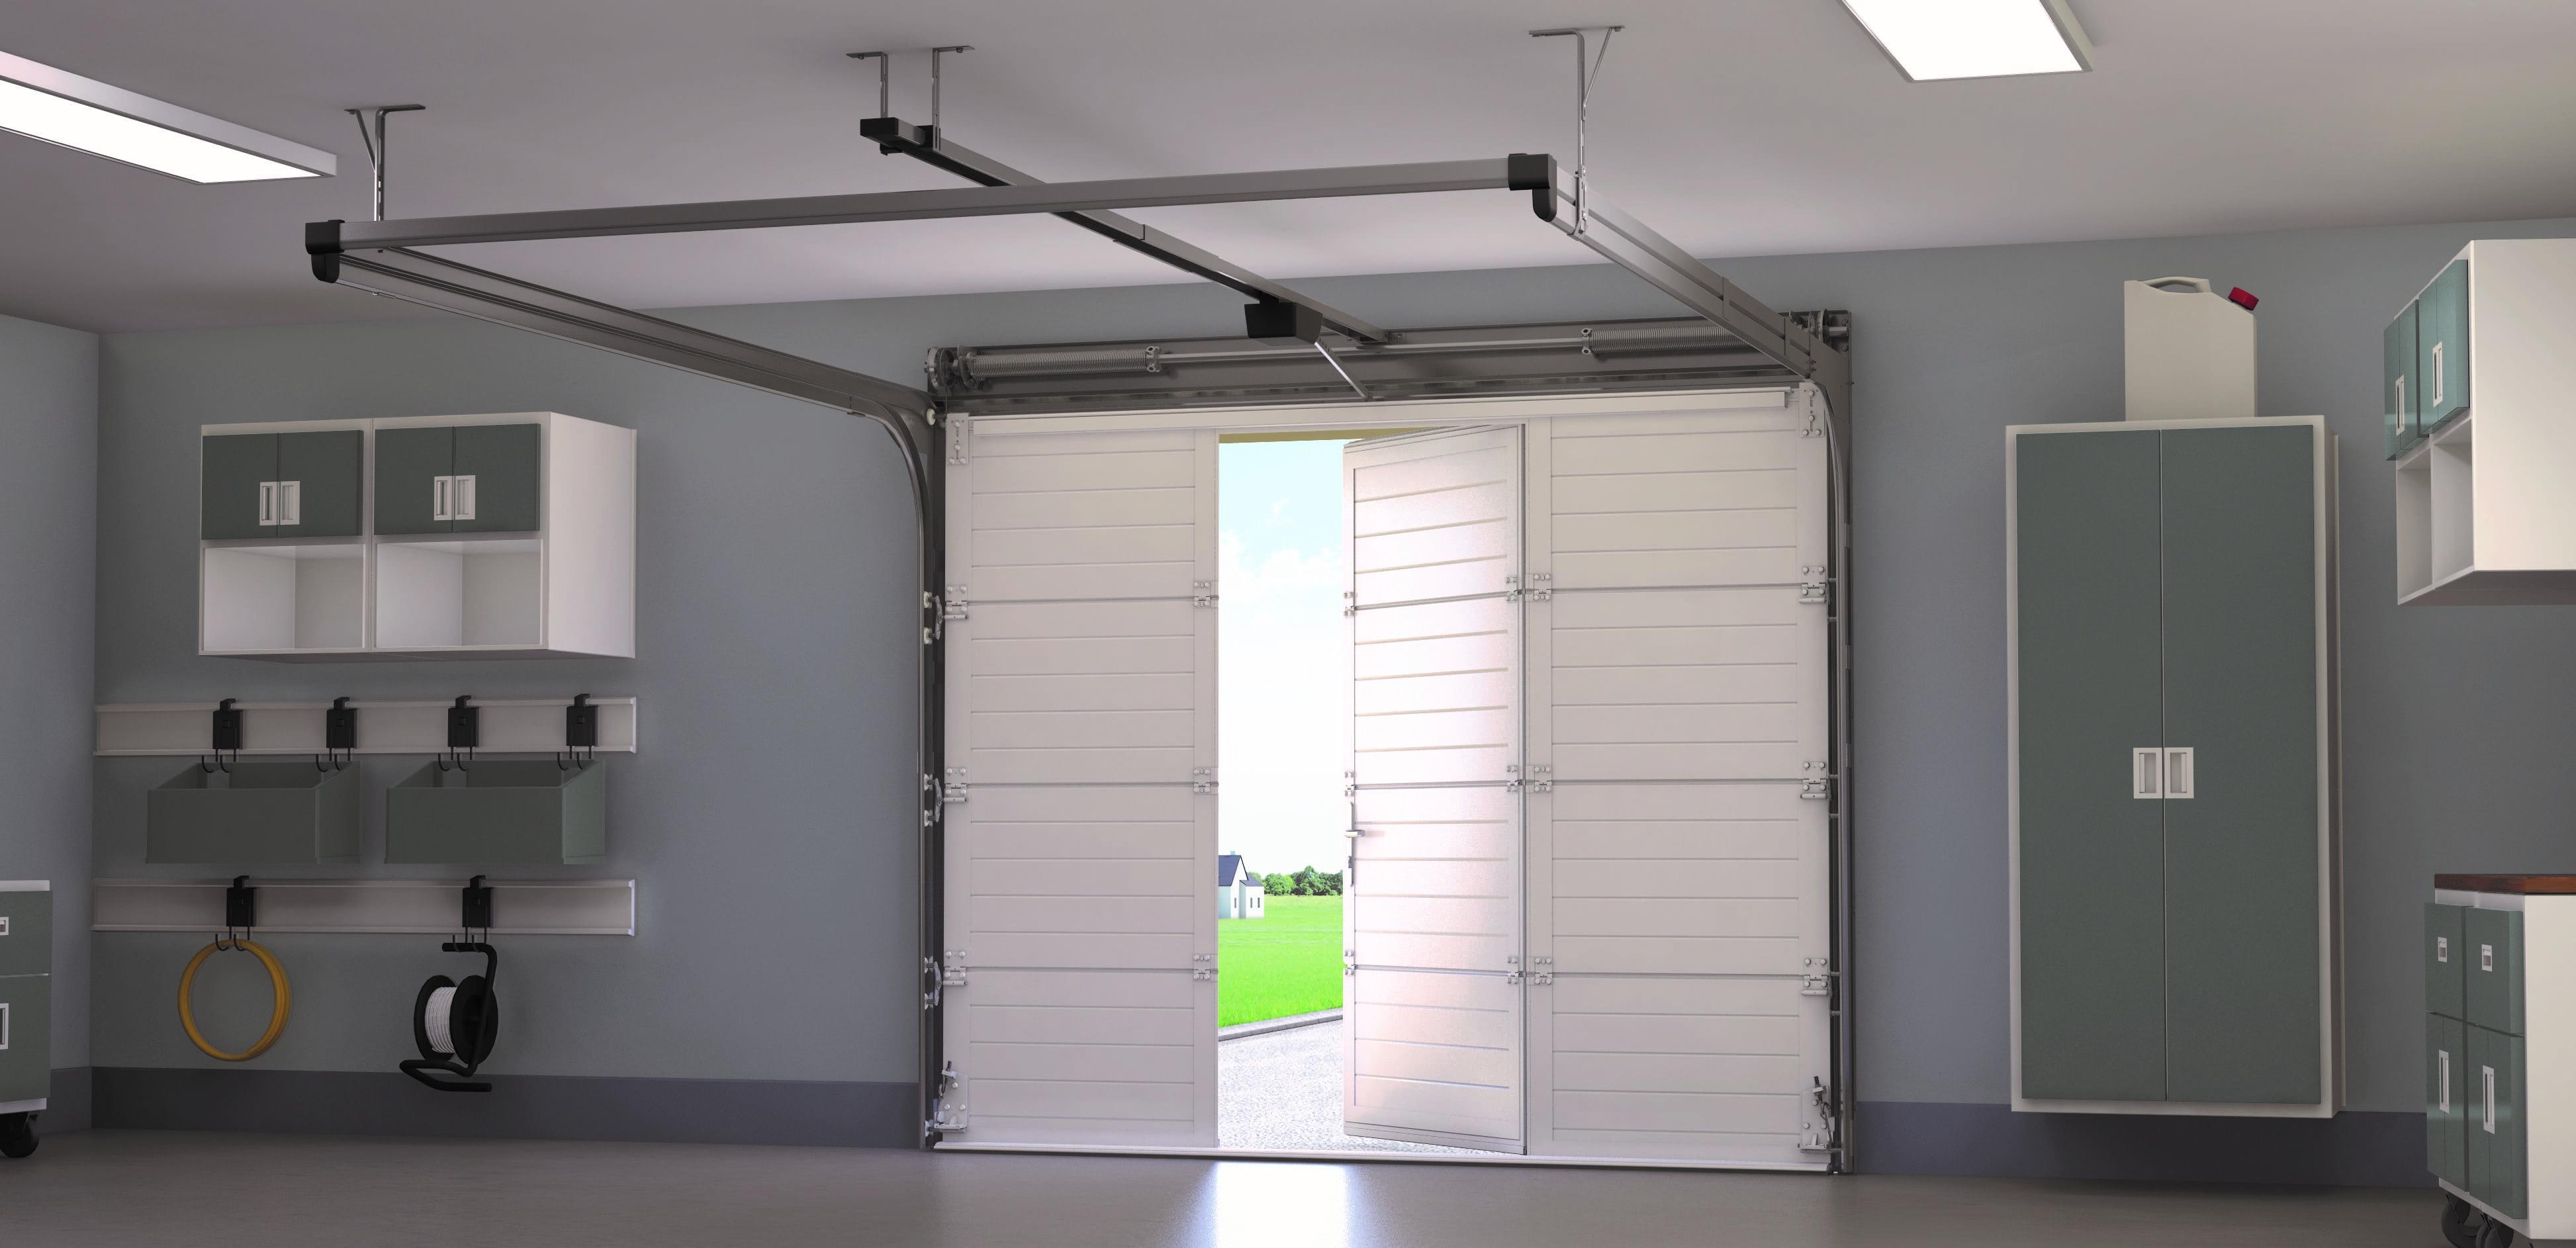 Porte de garage sectionnelle plafond MAORI «France Fermetures» Vue intérieure